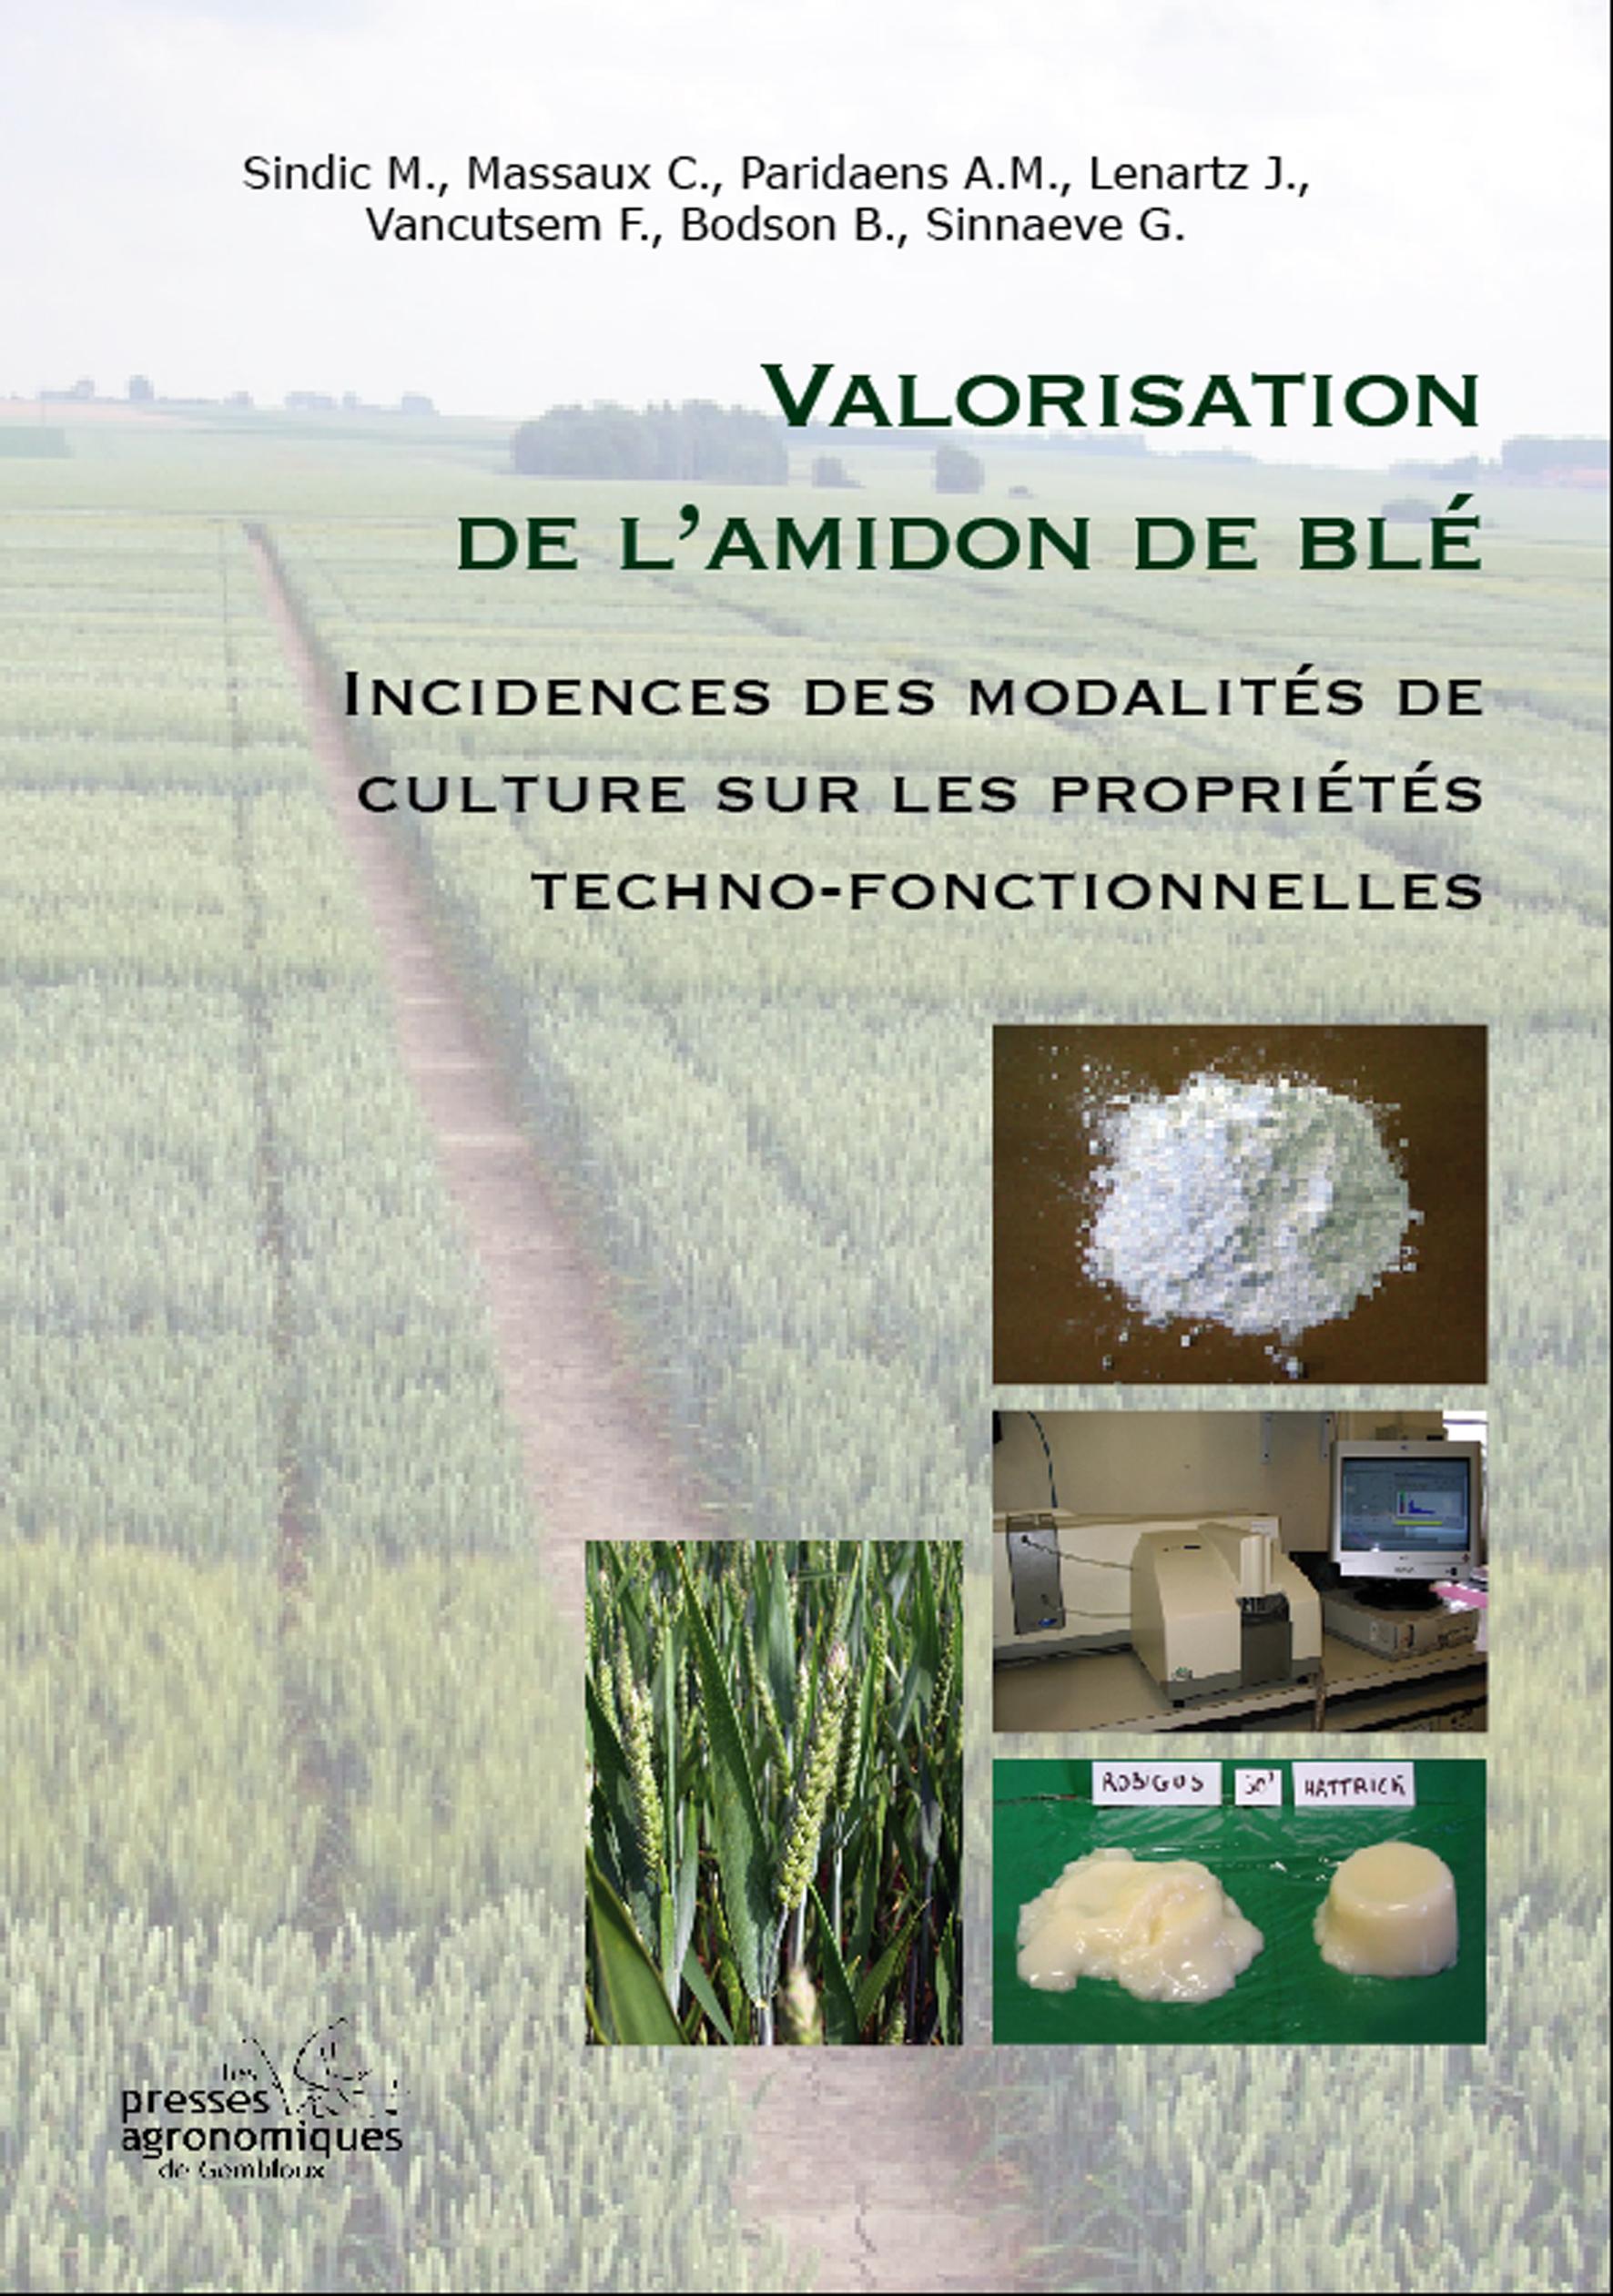 VALORISATION DE L'AMIDON DE BLE